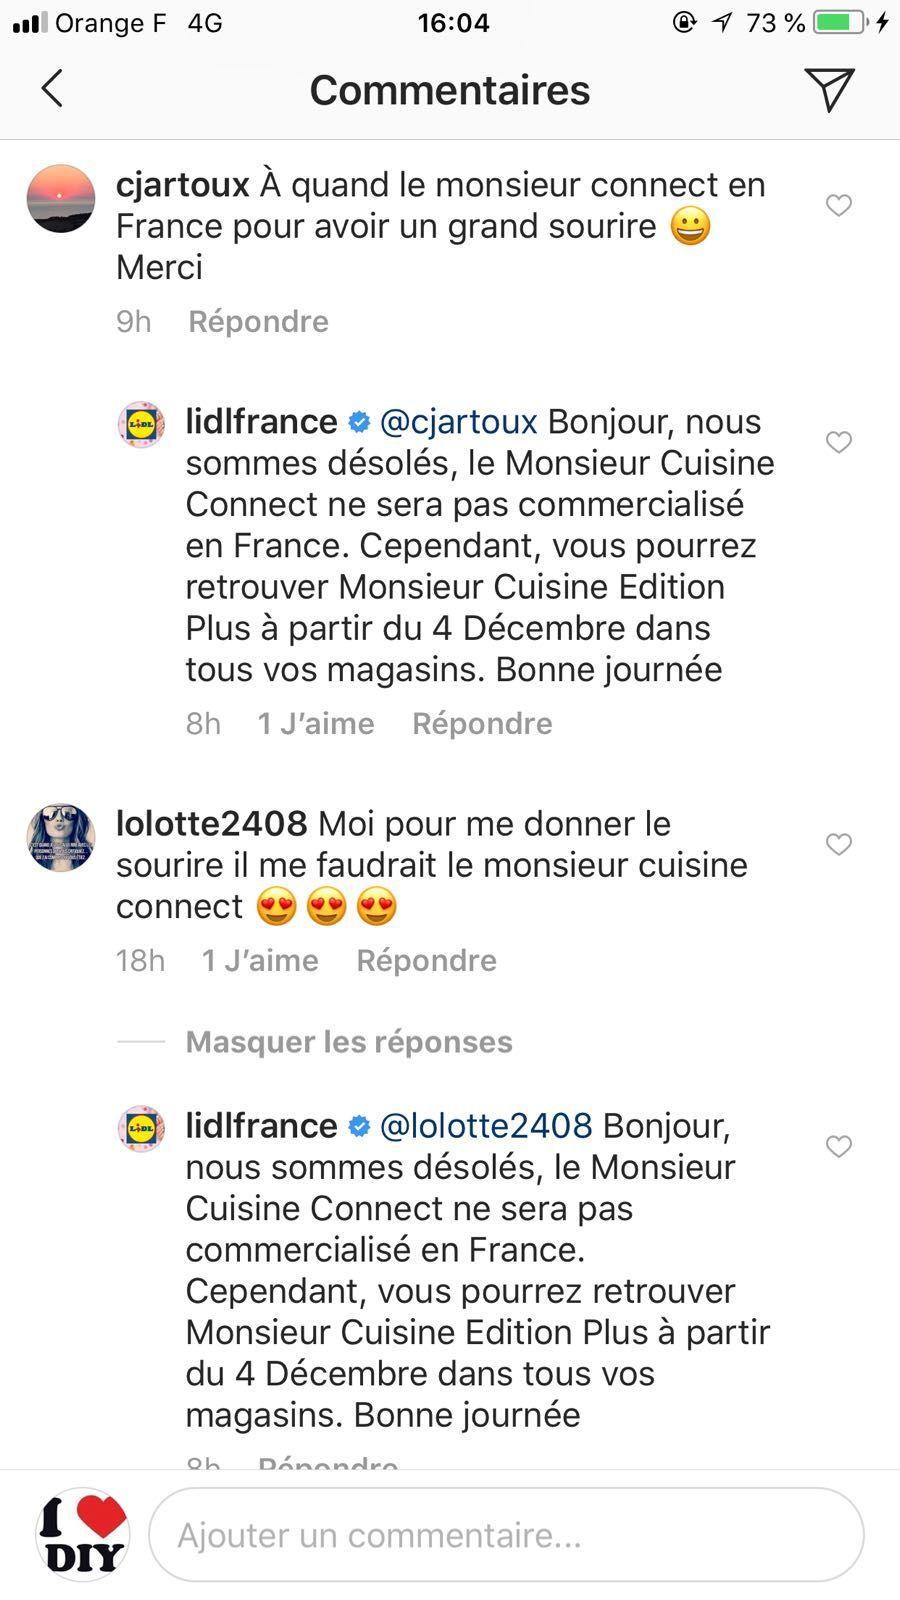 Monsieur Cuisine Connect De Lidl Finalement Non Commercialisé En